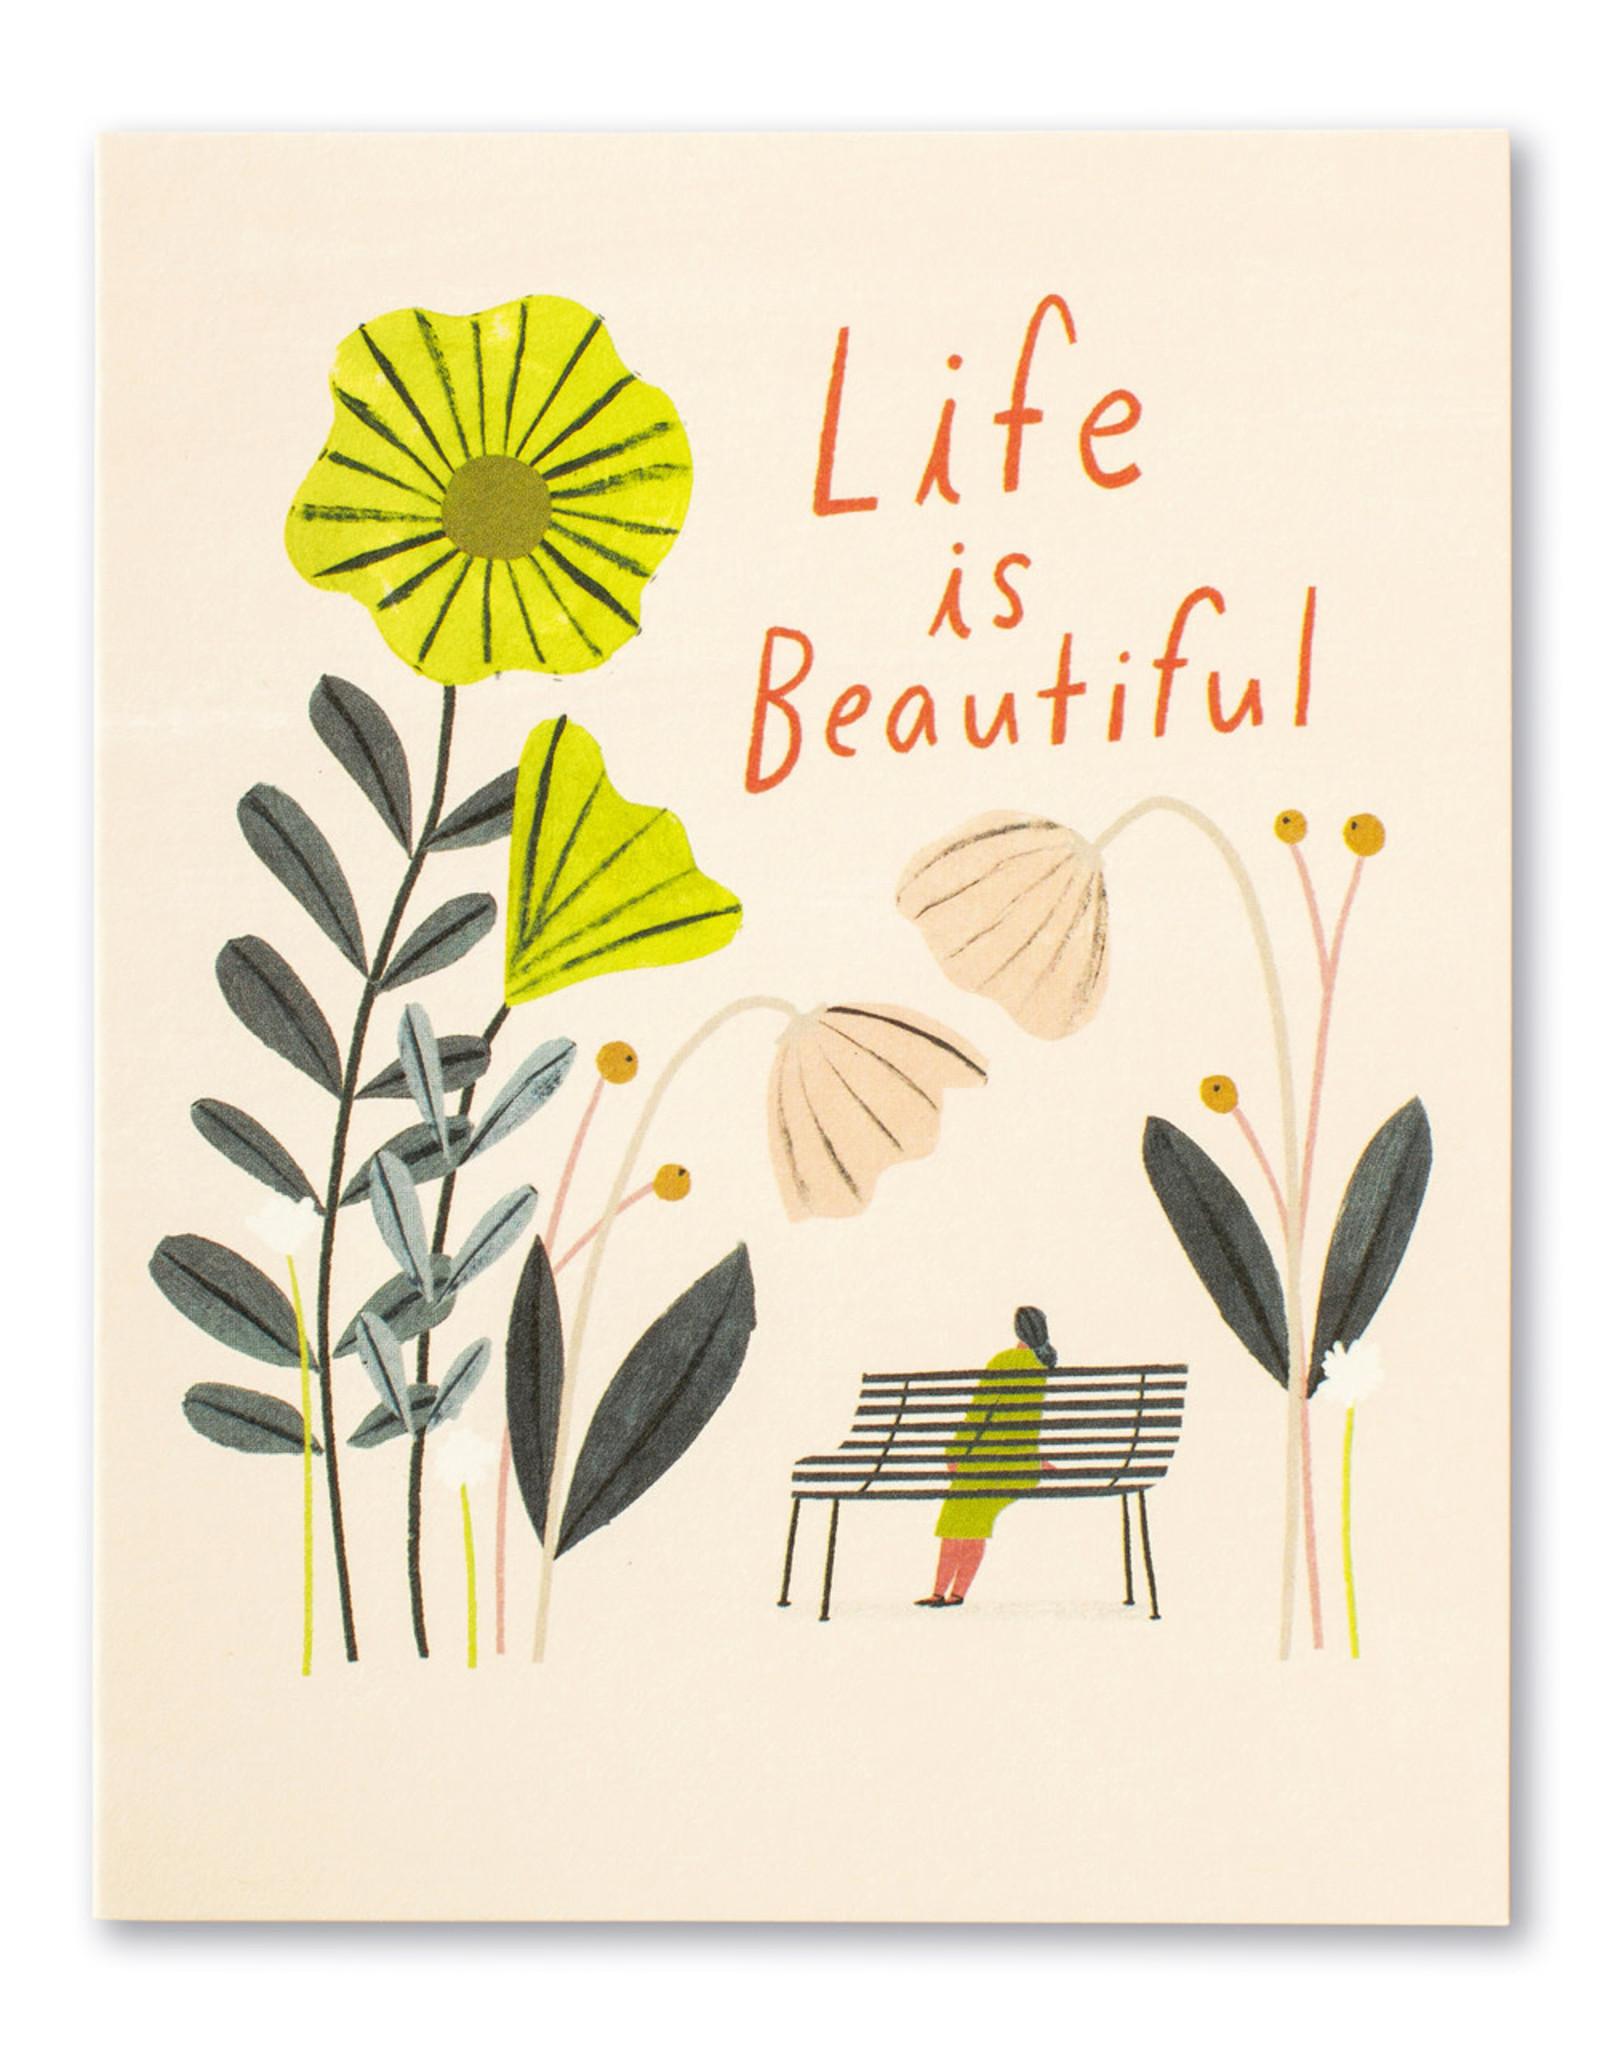 Compendium Compendium GC - Life is Beautiful